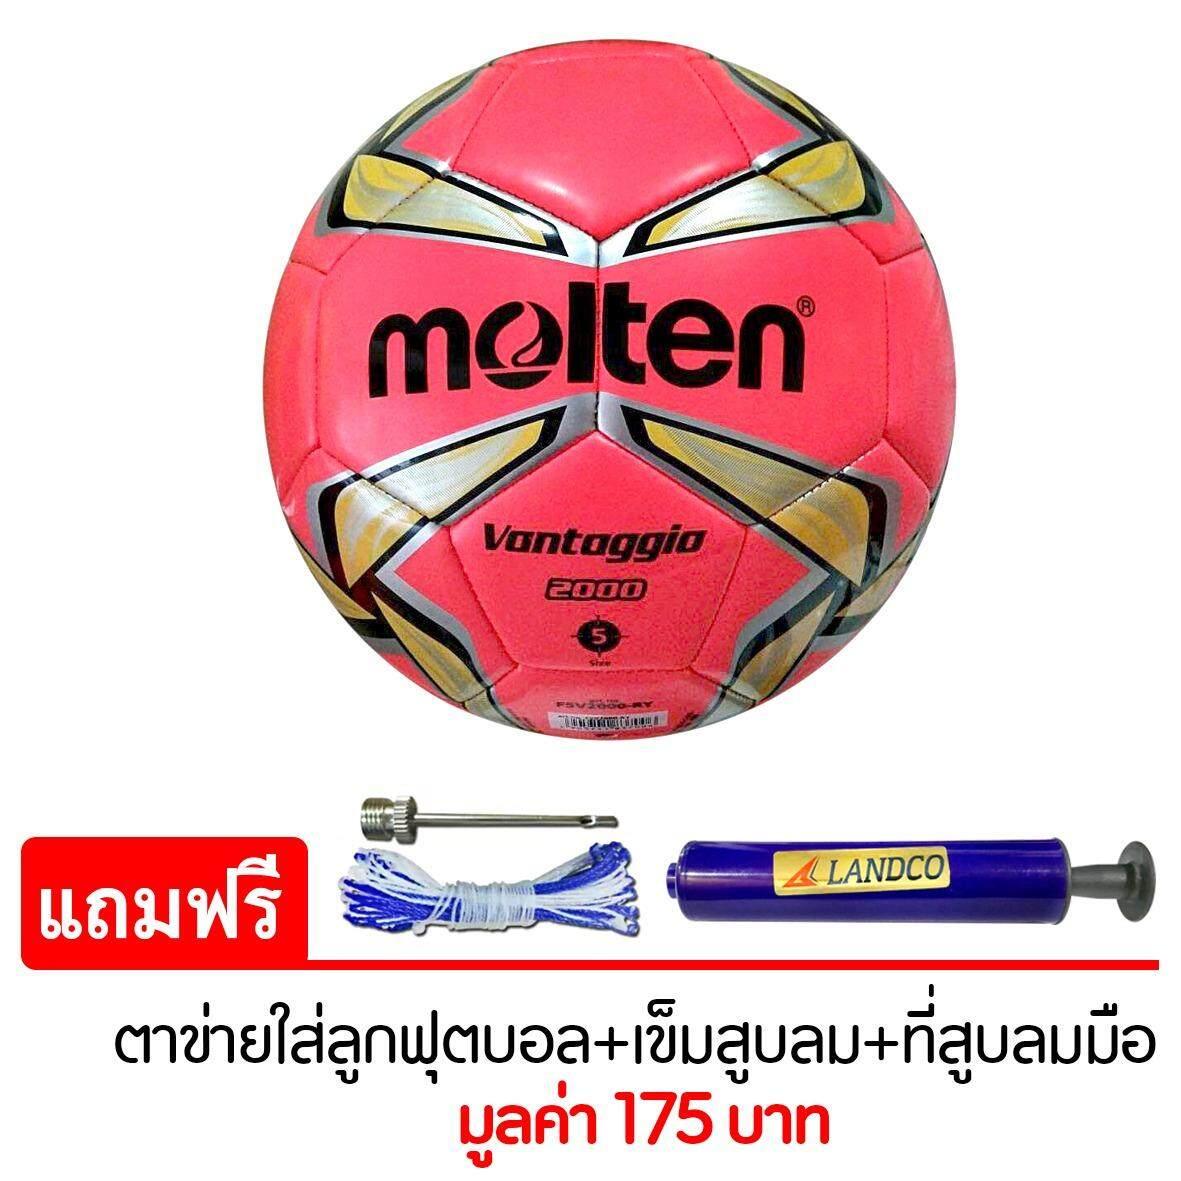 ขาย Molten ลูกฟุตบอล หนังเย็บ ทีพียู สีแดง Football Molten Tpu F5V2000 Ry Red เบอร์ 5 645 แถมฟรี ตาข่ายใส่ลูกฟุตบอล เข็มสูบสูบลม สูบมือ Spl รุ่น Sl6 สีน้ำเงิน กรุงเทพมหานคร ถูก